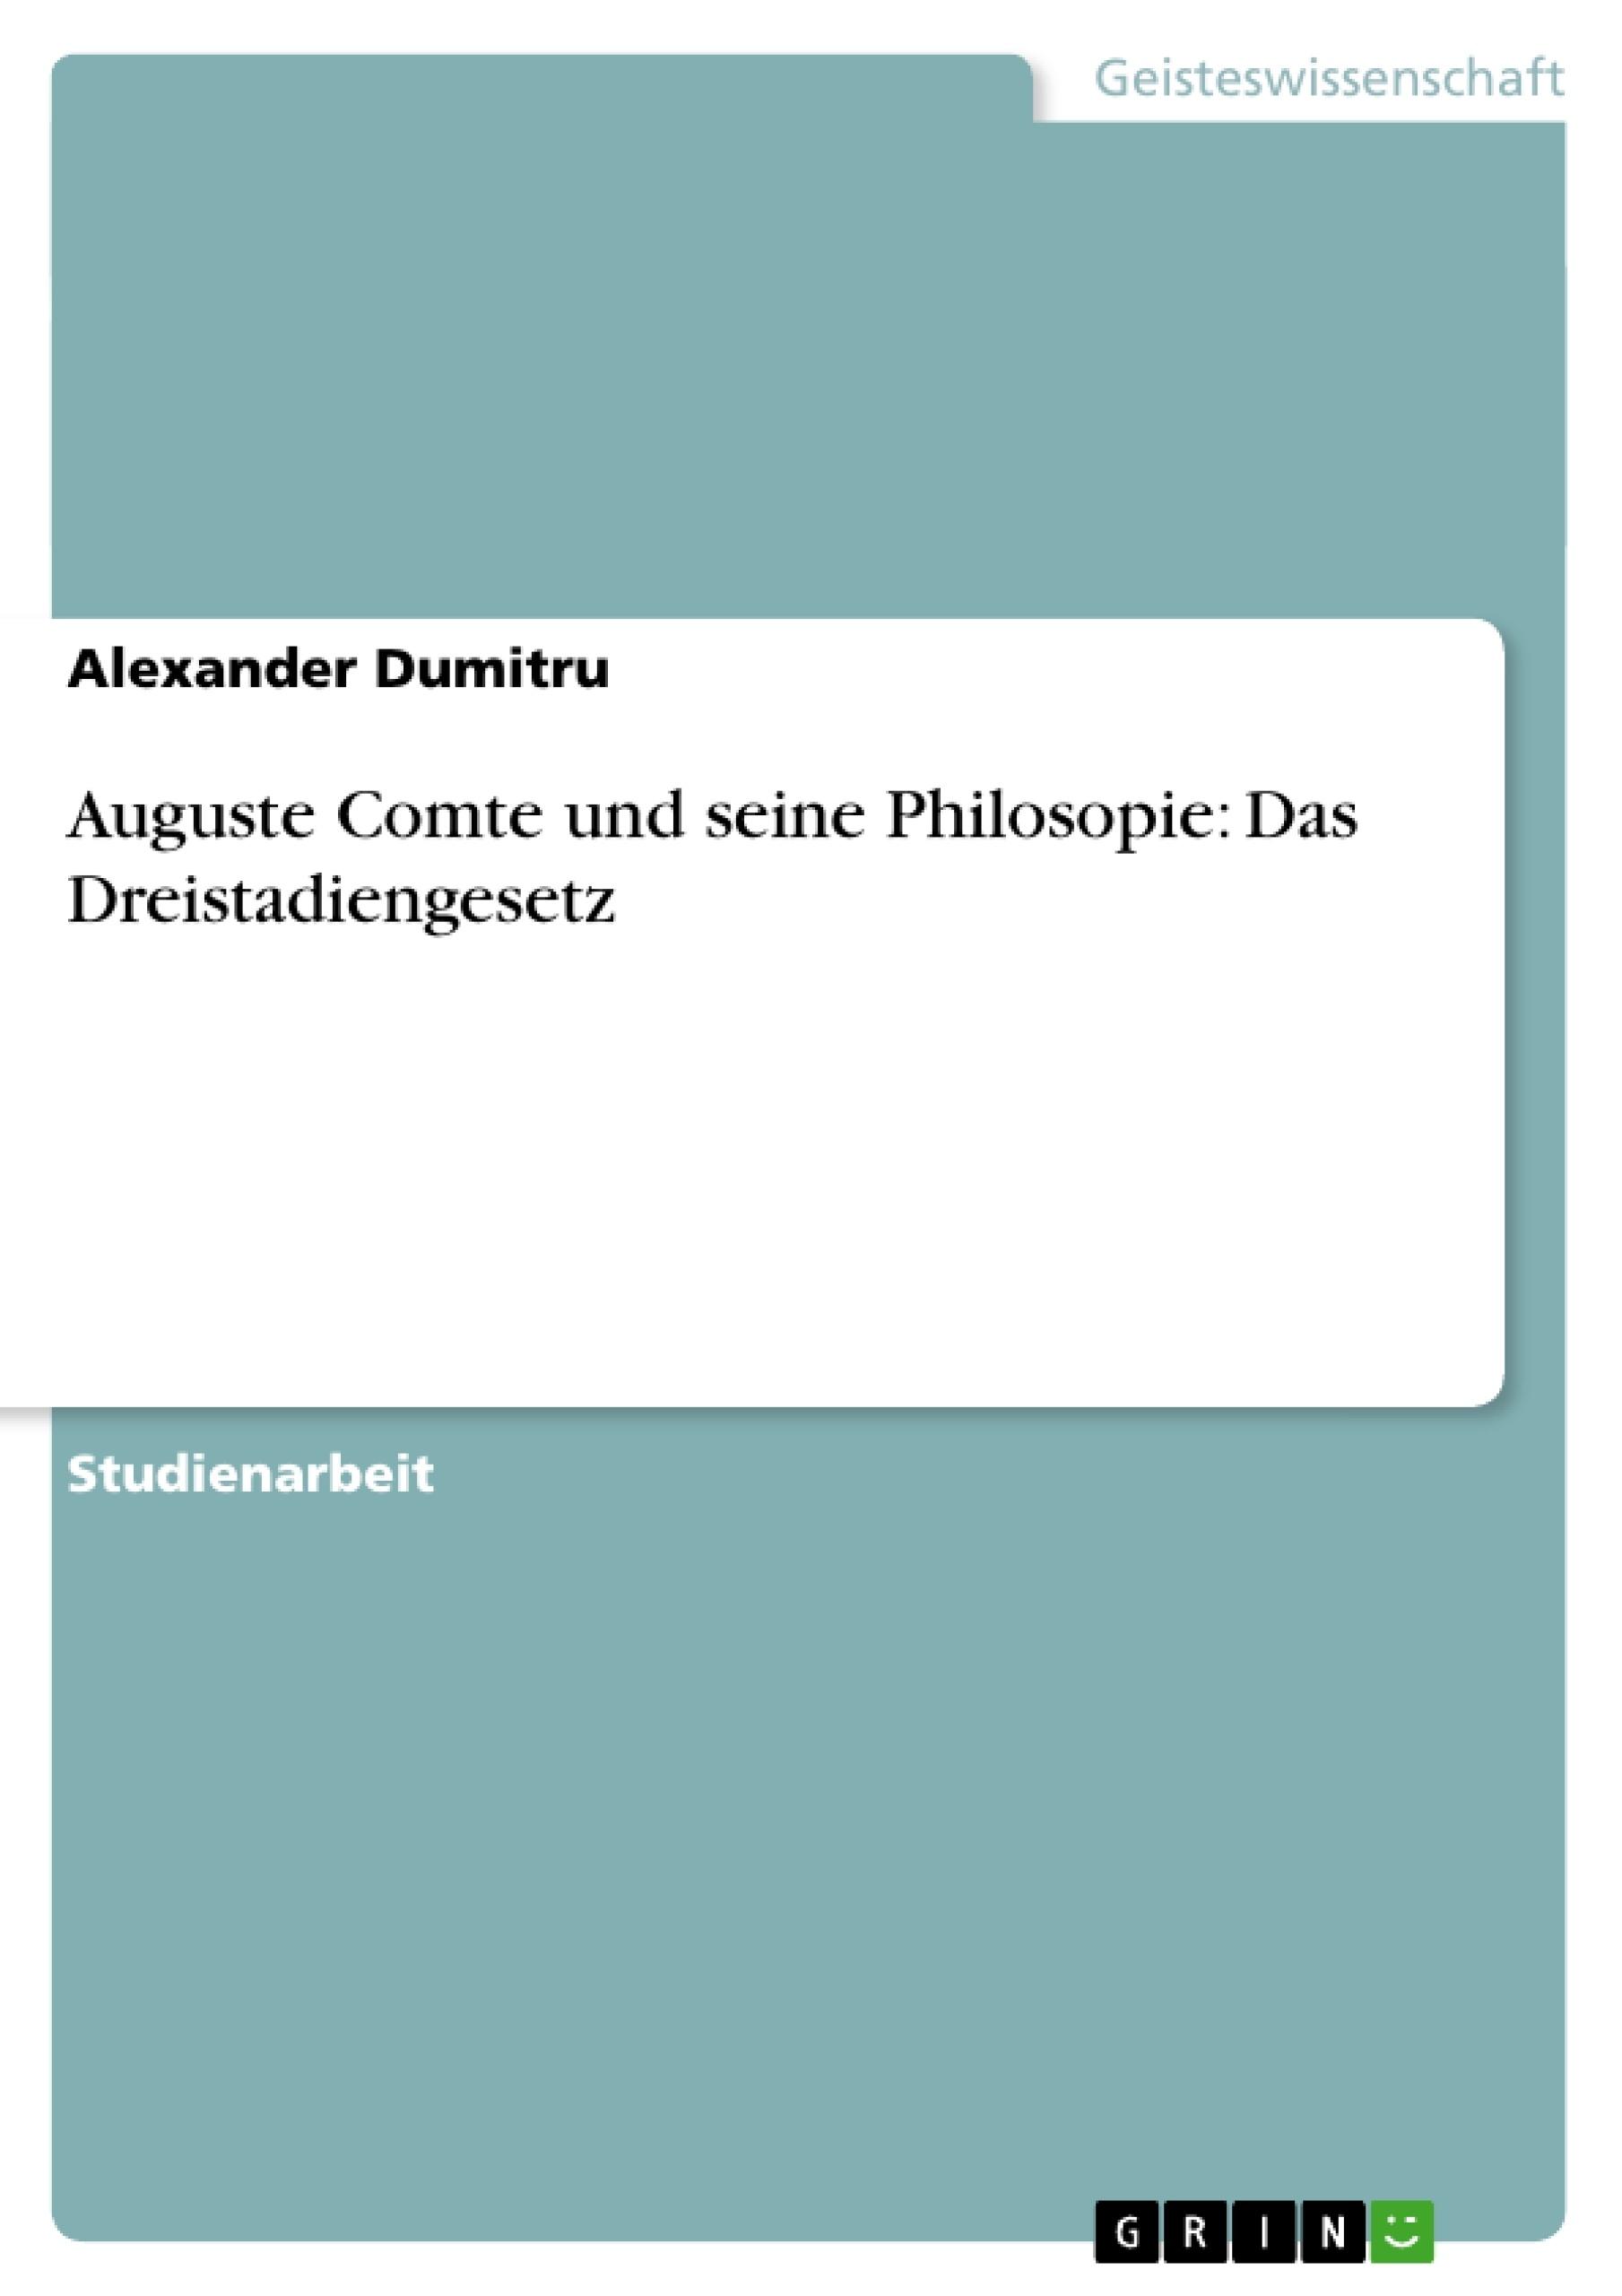 Titel: Auguste Comte und seine Philosopie: Das Dreistadiengesetz